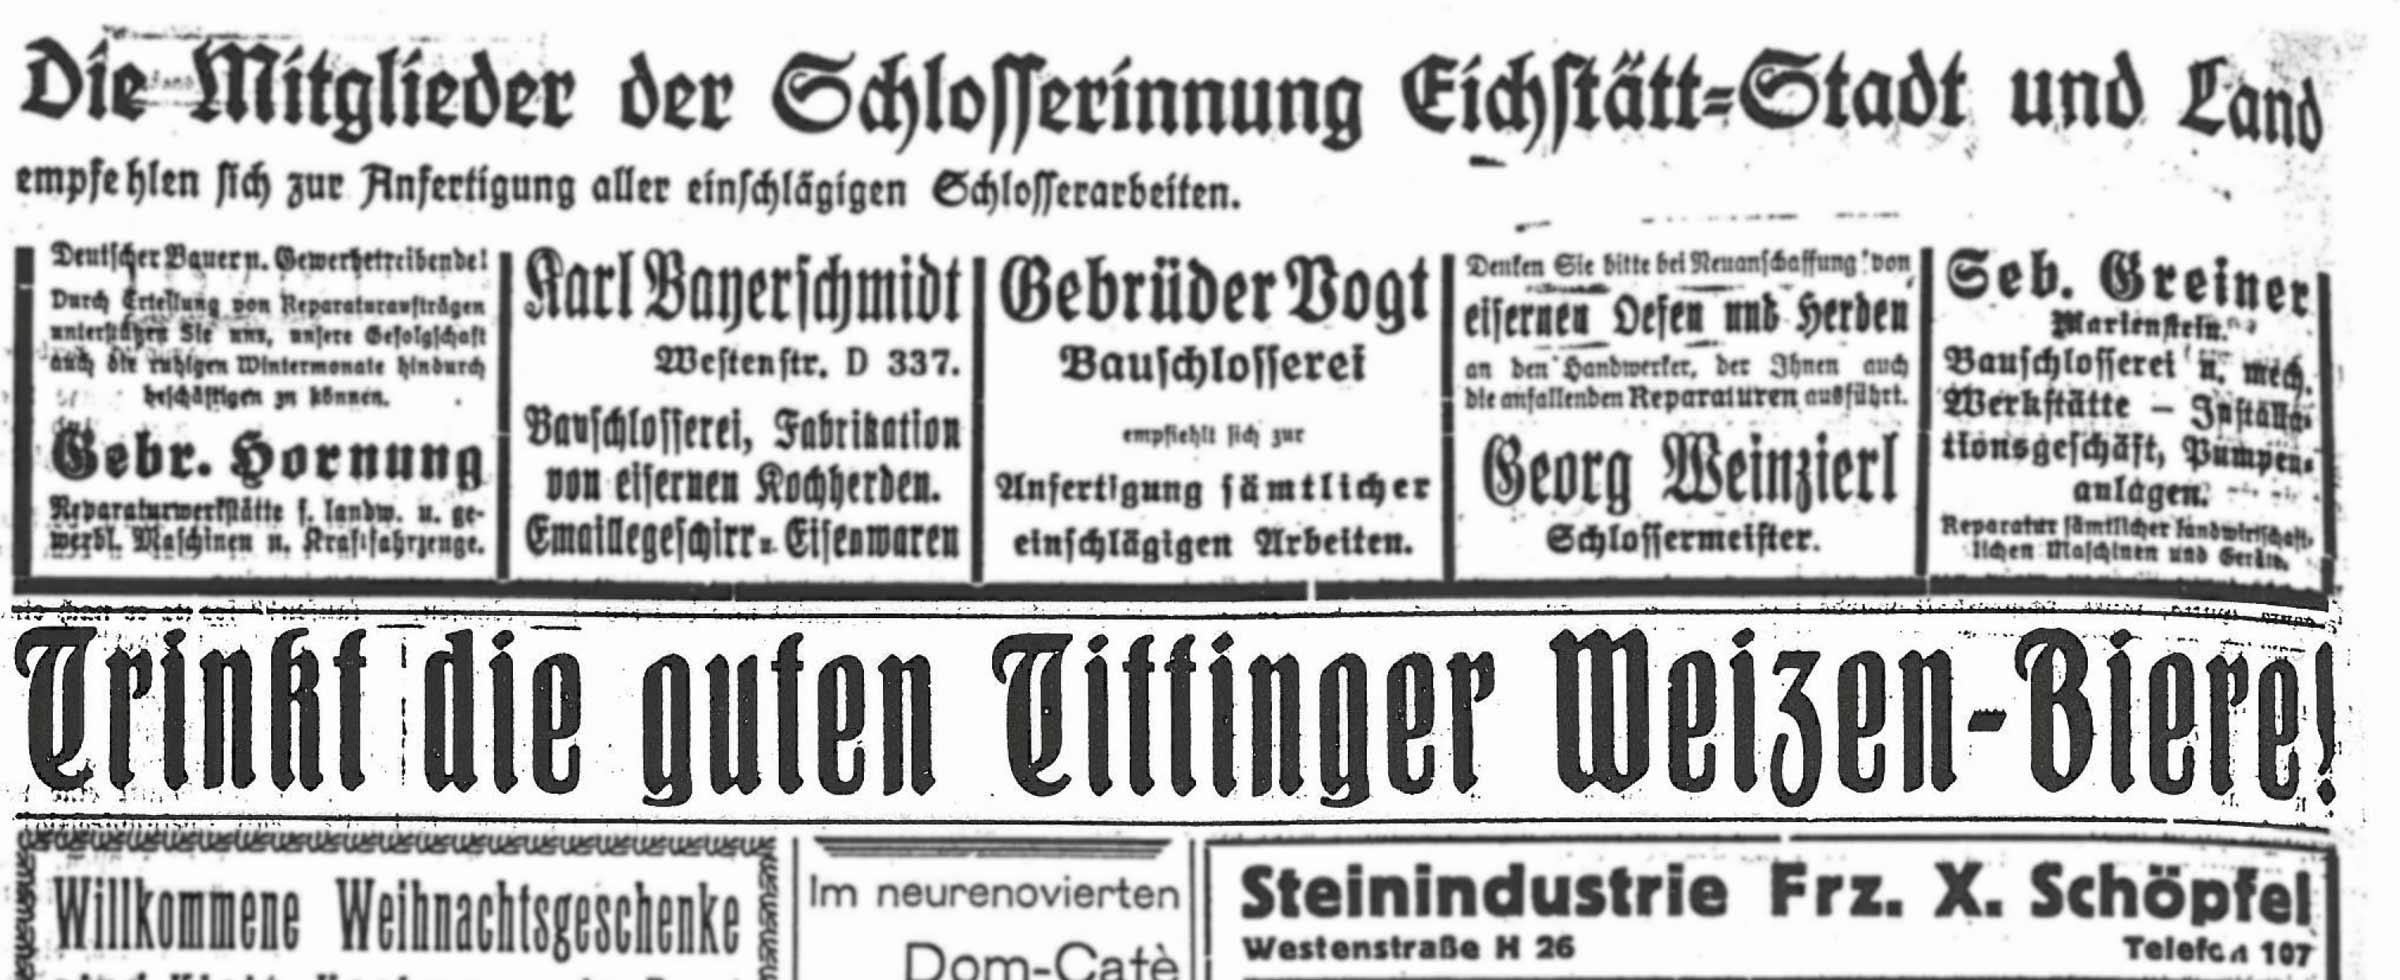 Historische Zeitungsanzeige